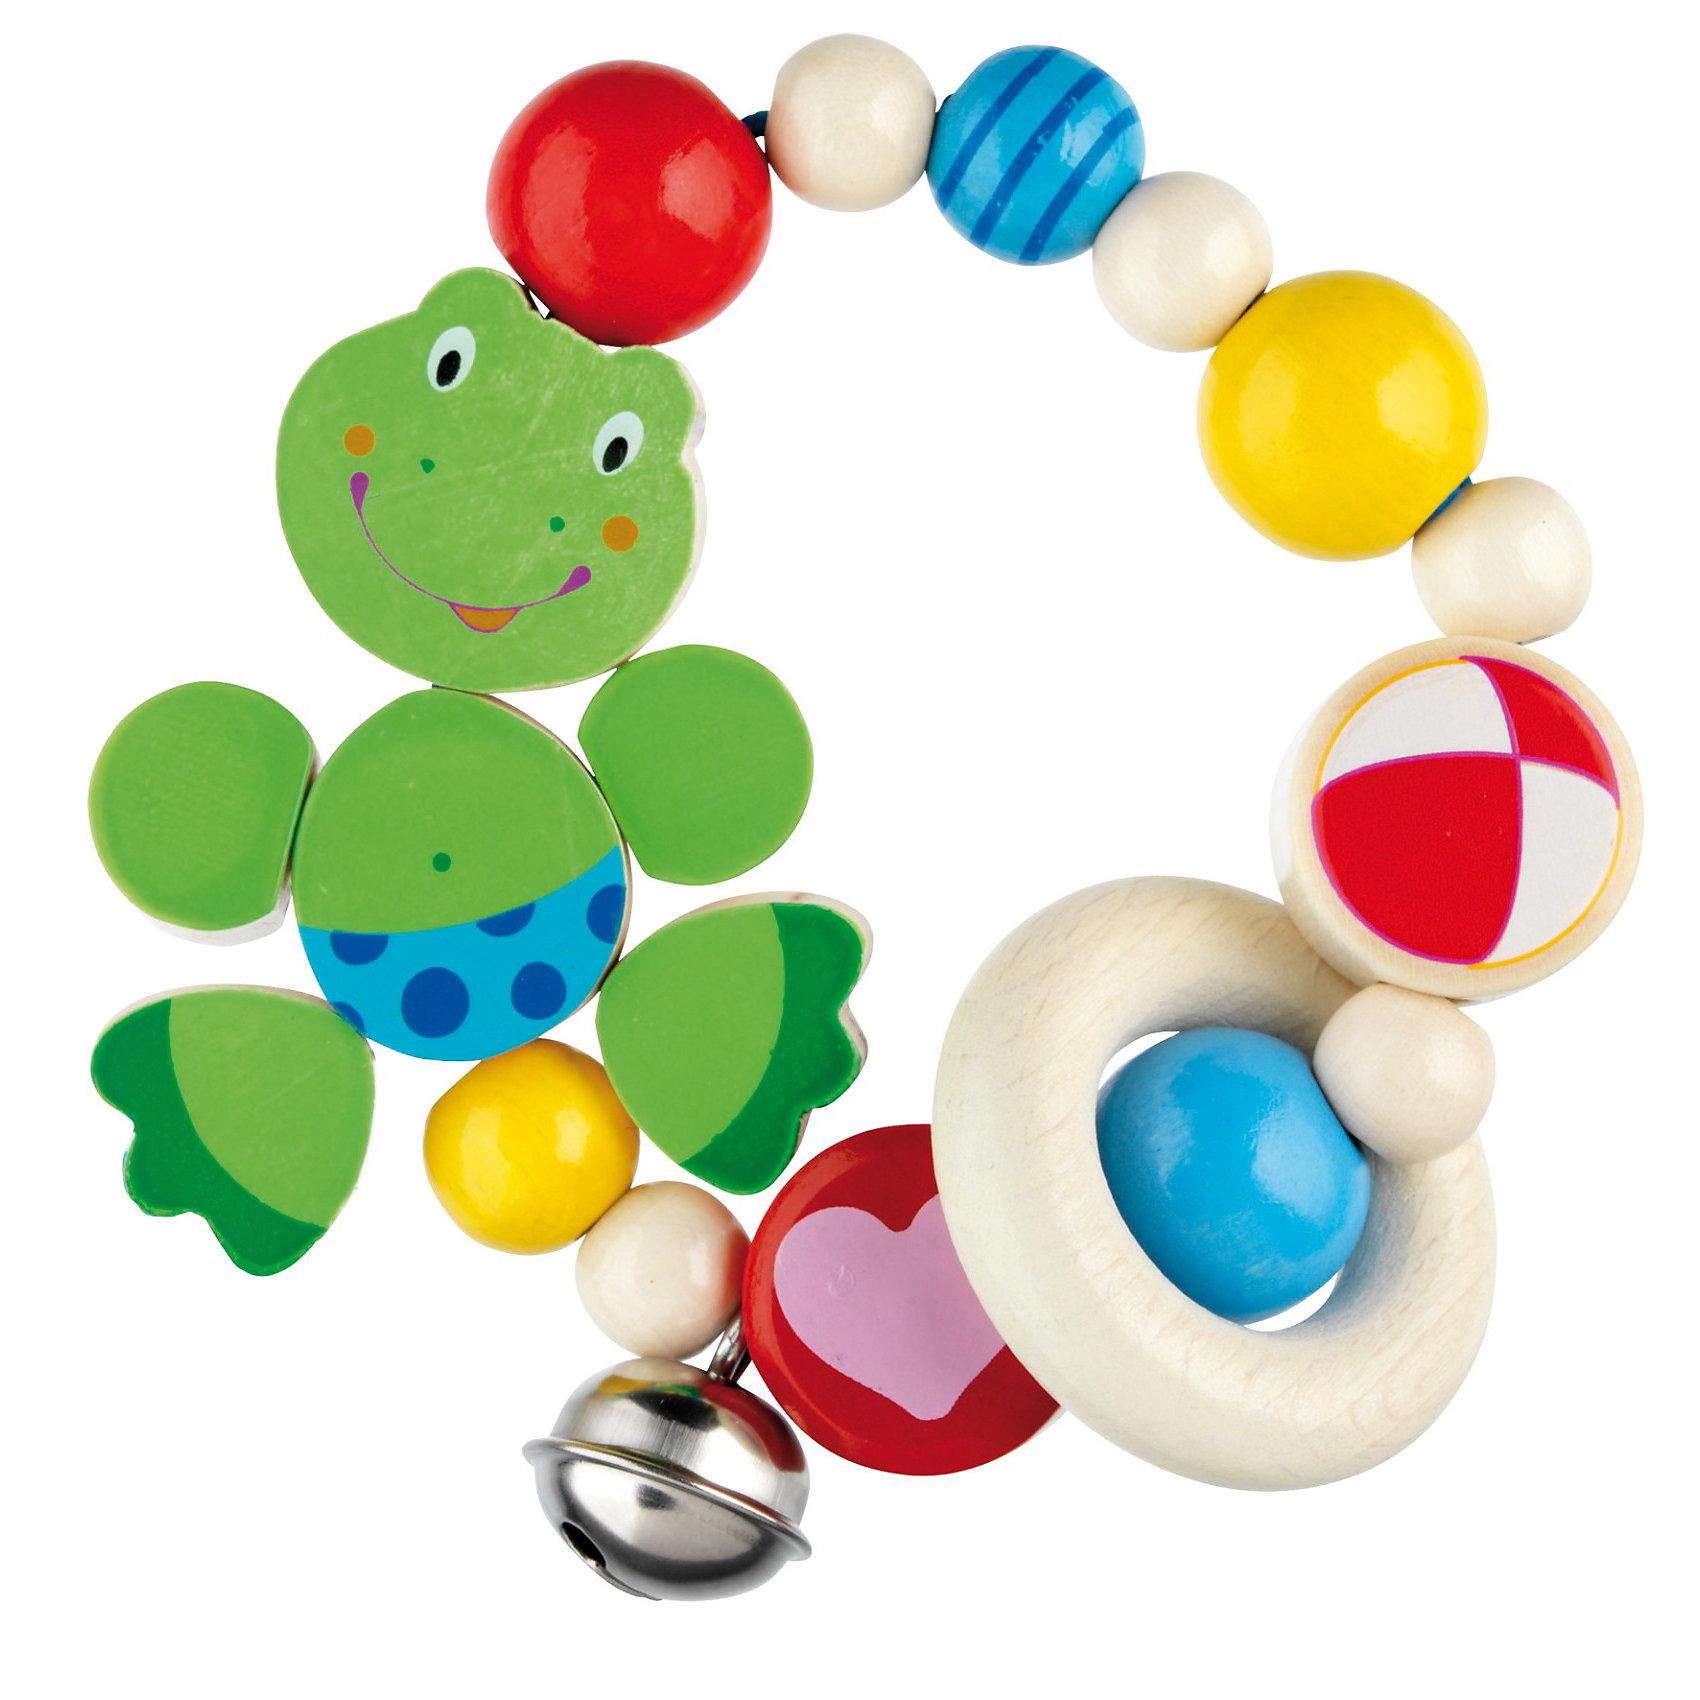 Игрушка-кольцо эластик Лягушонок , HEIMESSИгрушки для малышей<br>Удобная  для маленьких ручек игрушка-прорезыватель. Абсолютно безопасные очень стойкие краски на водной основе. Бусинки закреплены особо прочным шнуром.<br><br>Ширина мм: 171<br>Глубина мм: 147<br>Высота мм: 27<br>Вес г: 56<br>Возраст от месяцев: 3<br>Возраст до месяцев: 10<br>Пол: Унисекс<br>Возраст: Детский<br>SKU: 2603962